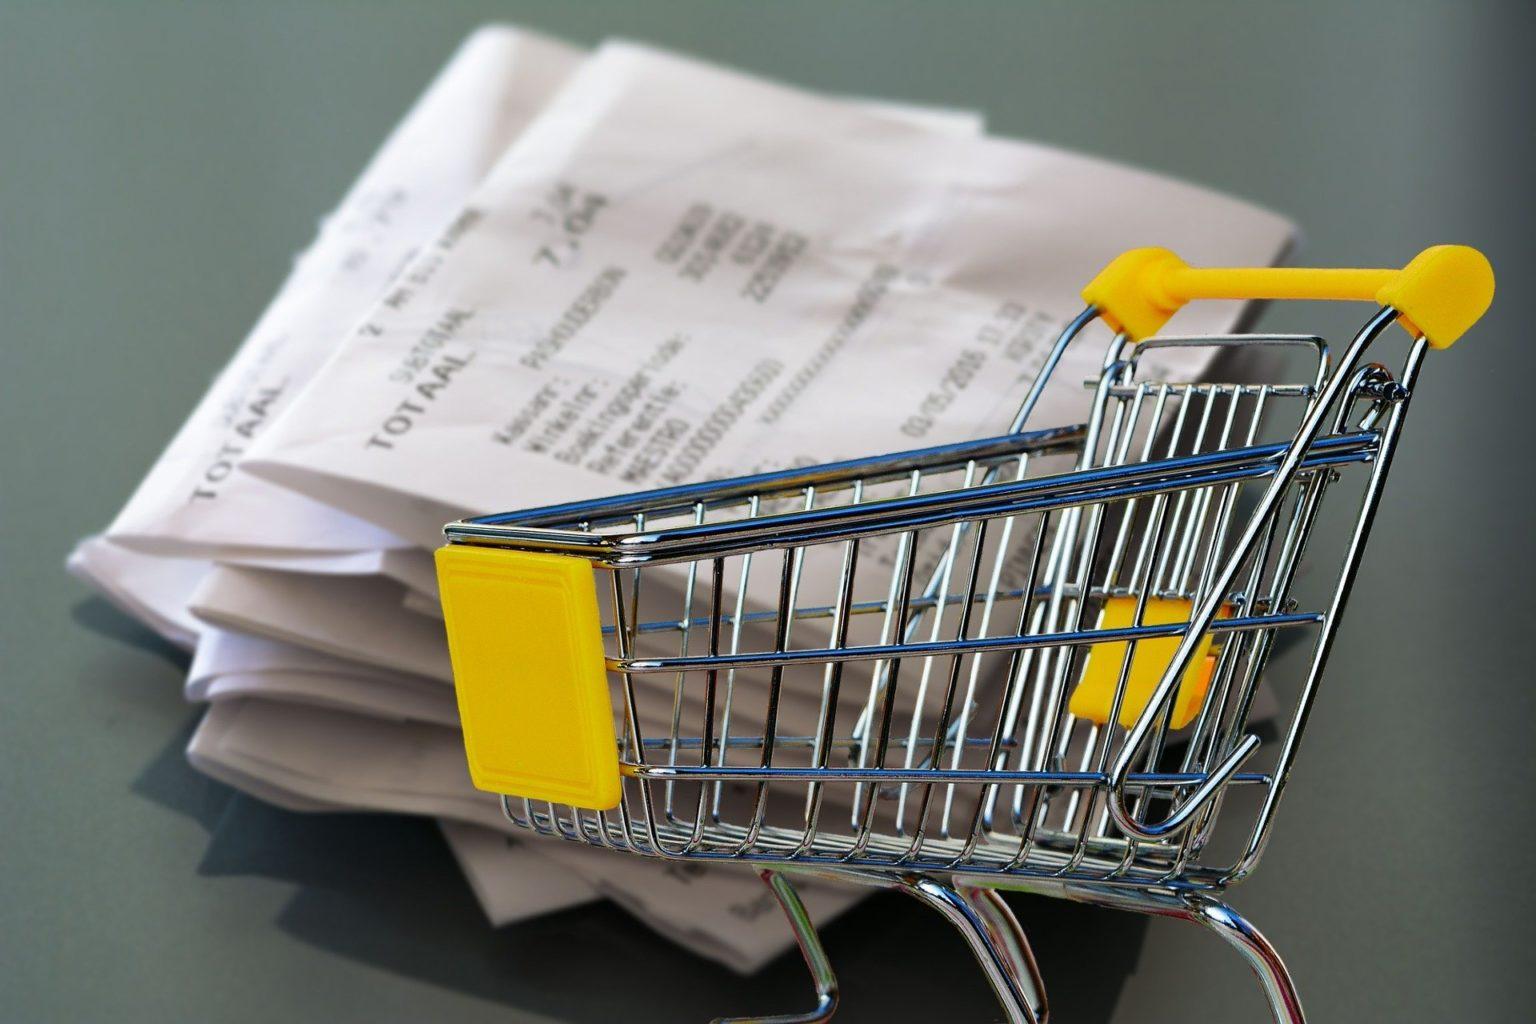 Правительство установит «жесткий контроль» за стабильностью цен на продукты